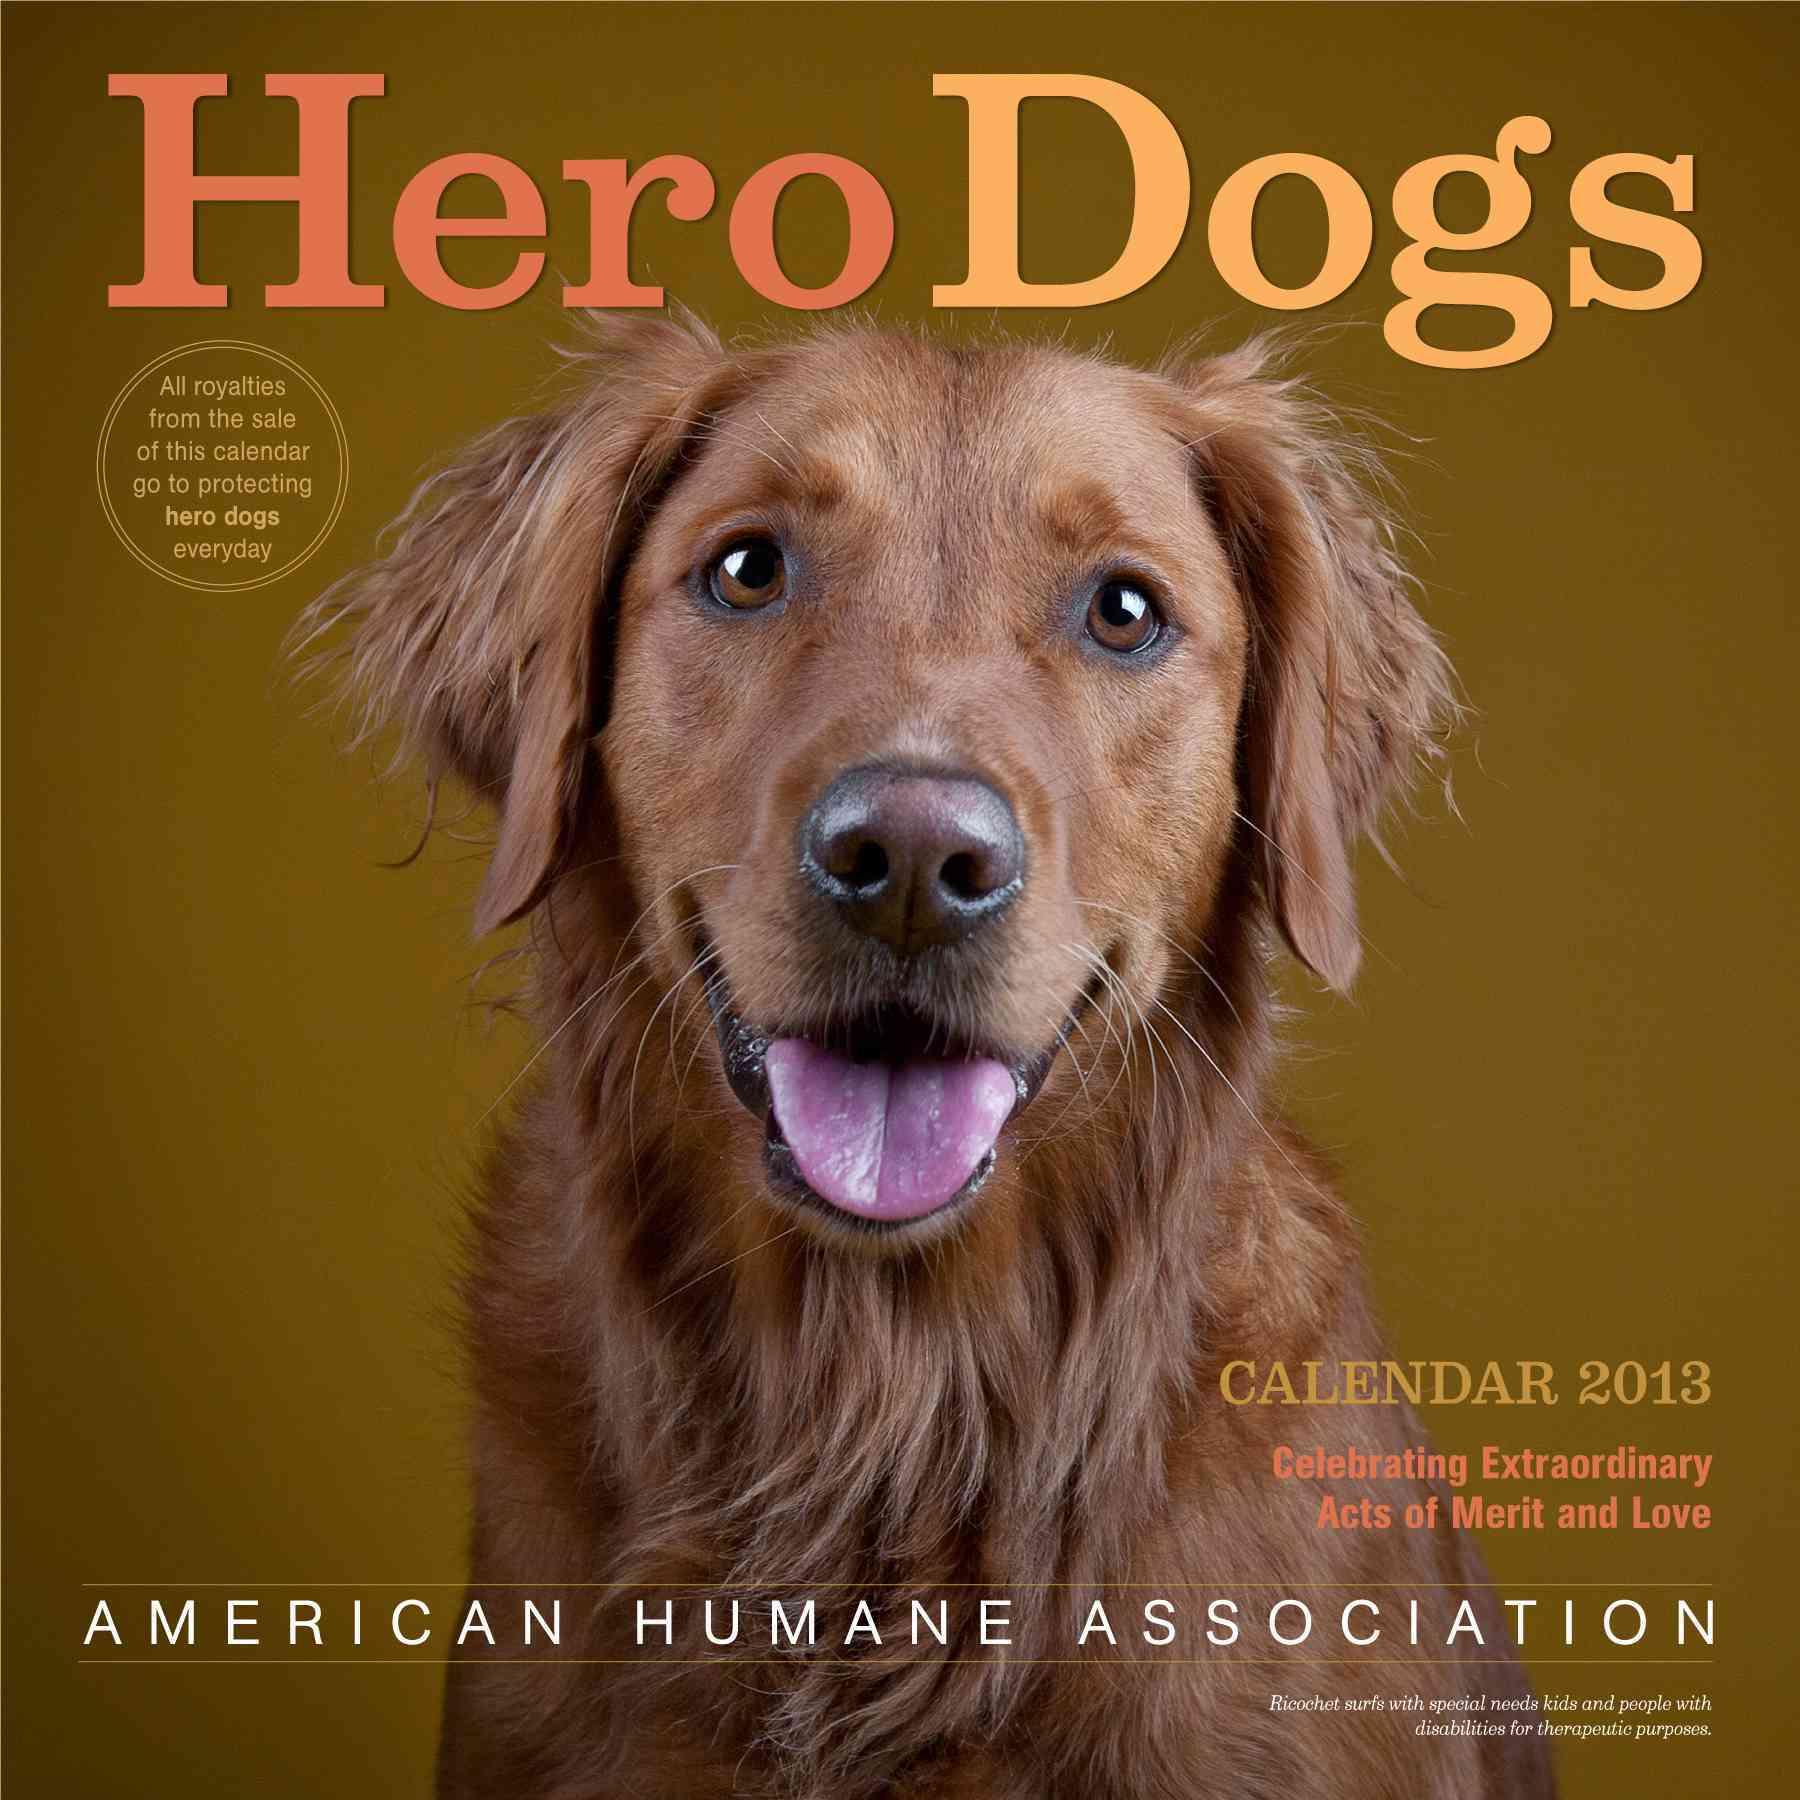 Hero Dogs Calendar 2013